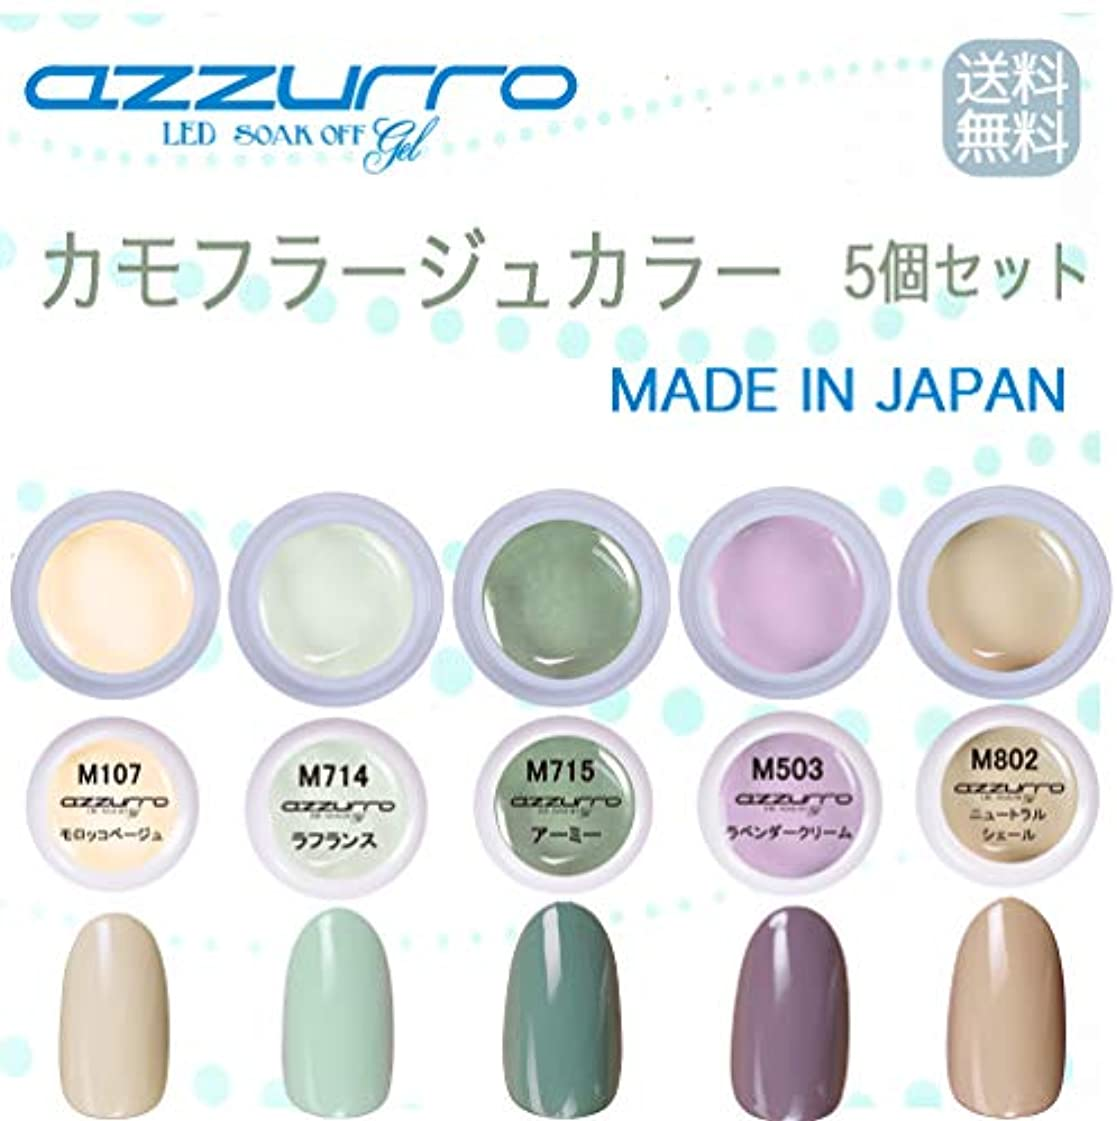 迷路ミット懐疑論【送料無料】日本製 azzurro gel カモフラージュカラージェル5個セット 春にピッタリでクールなトレンドカラーのカモフラージュカラー